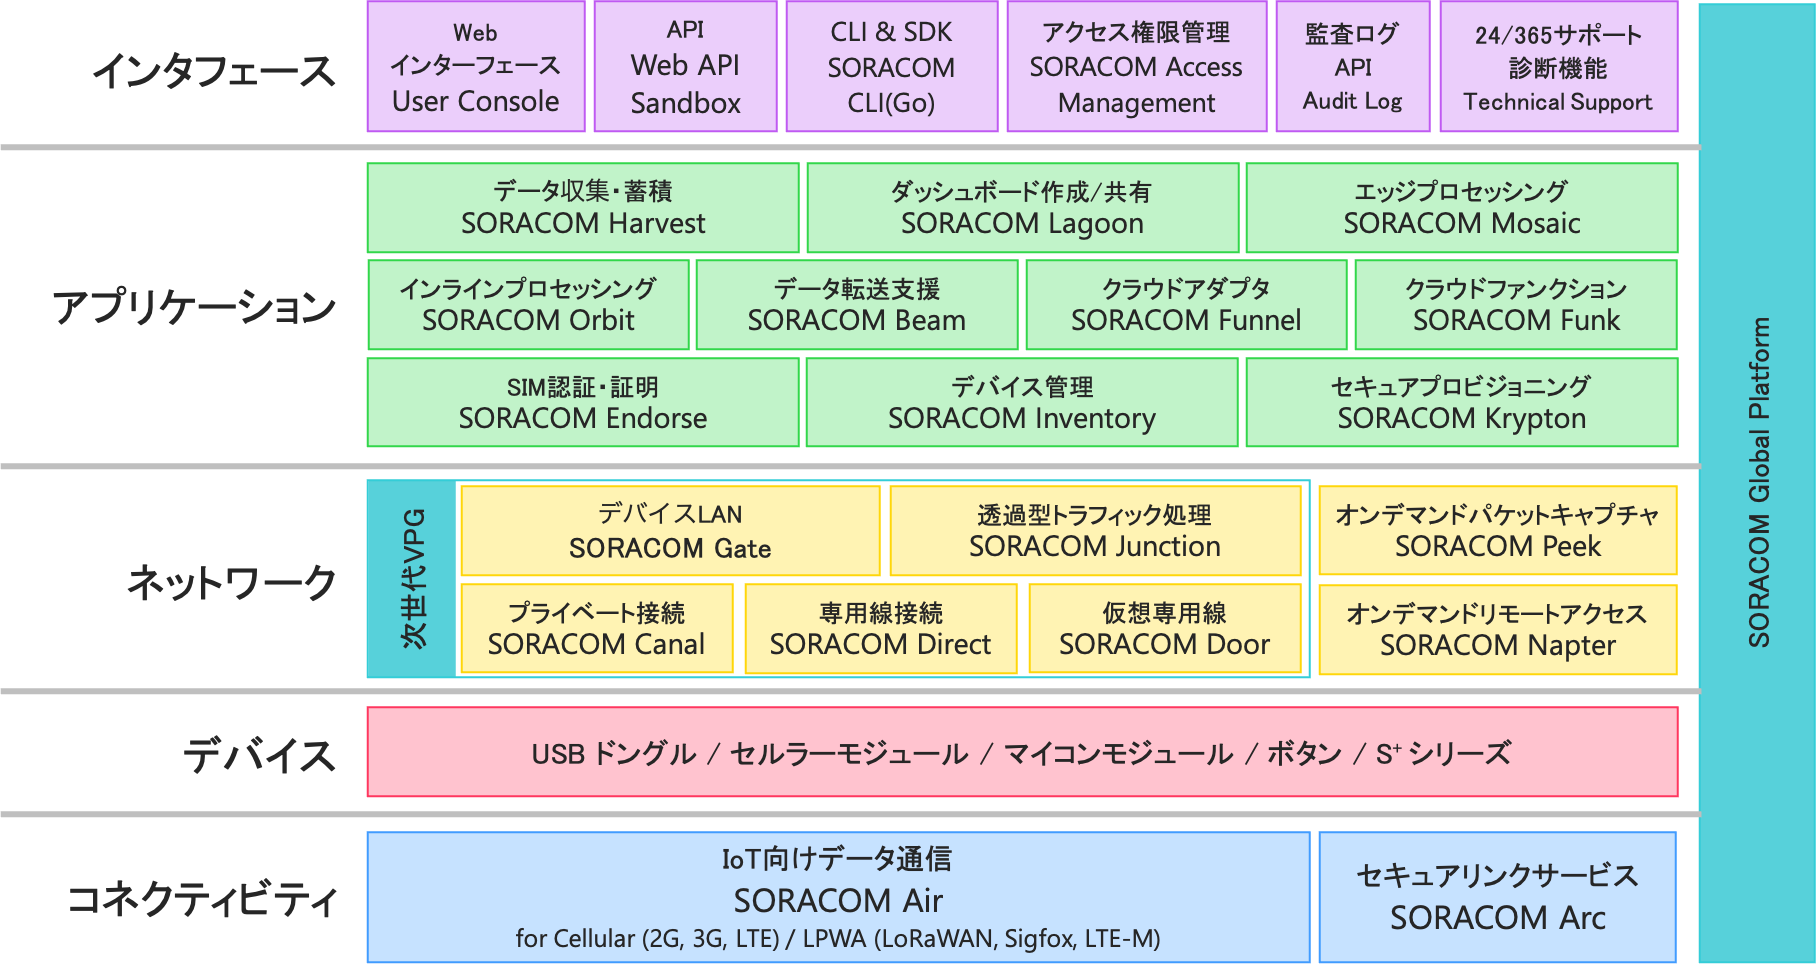 SORACOMのサービス